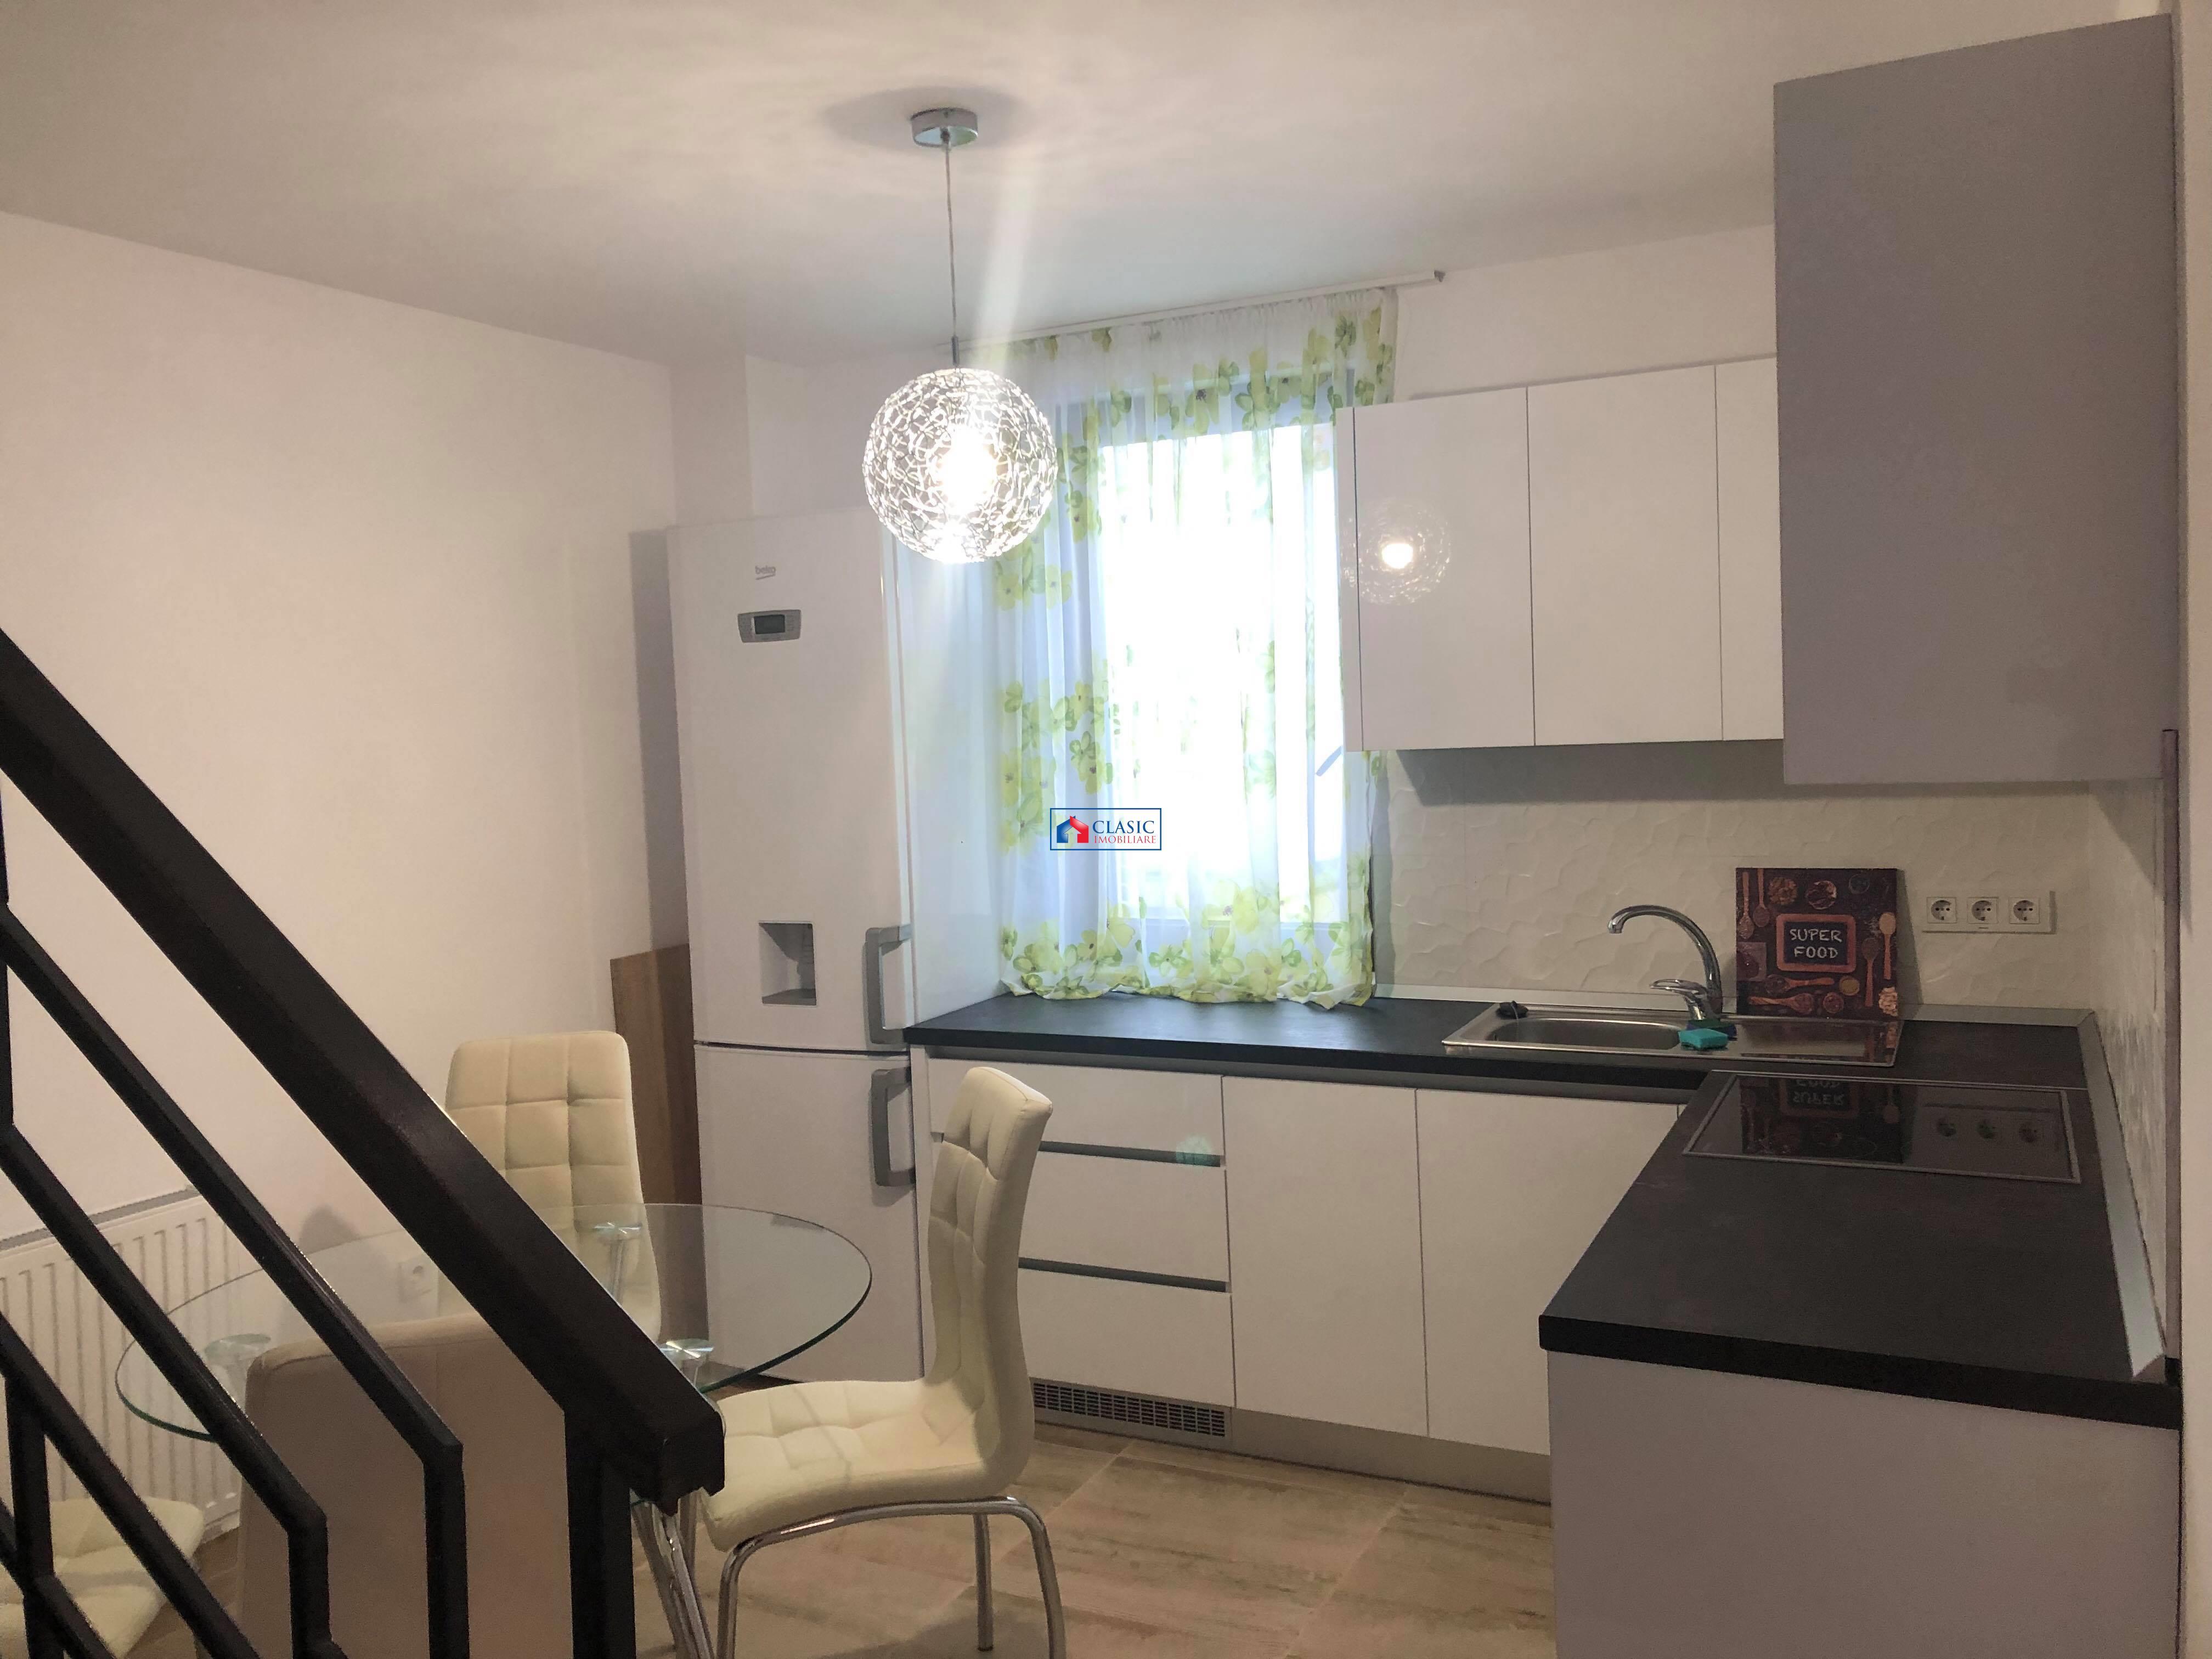 Inchiriere apartament 4 camere modern in Gheorgheni, Cluj Napoca